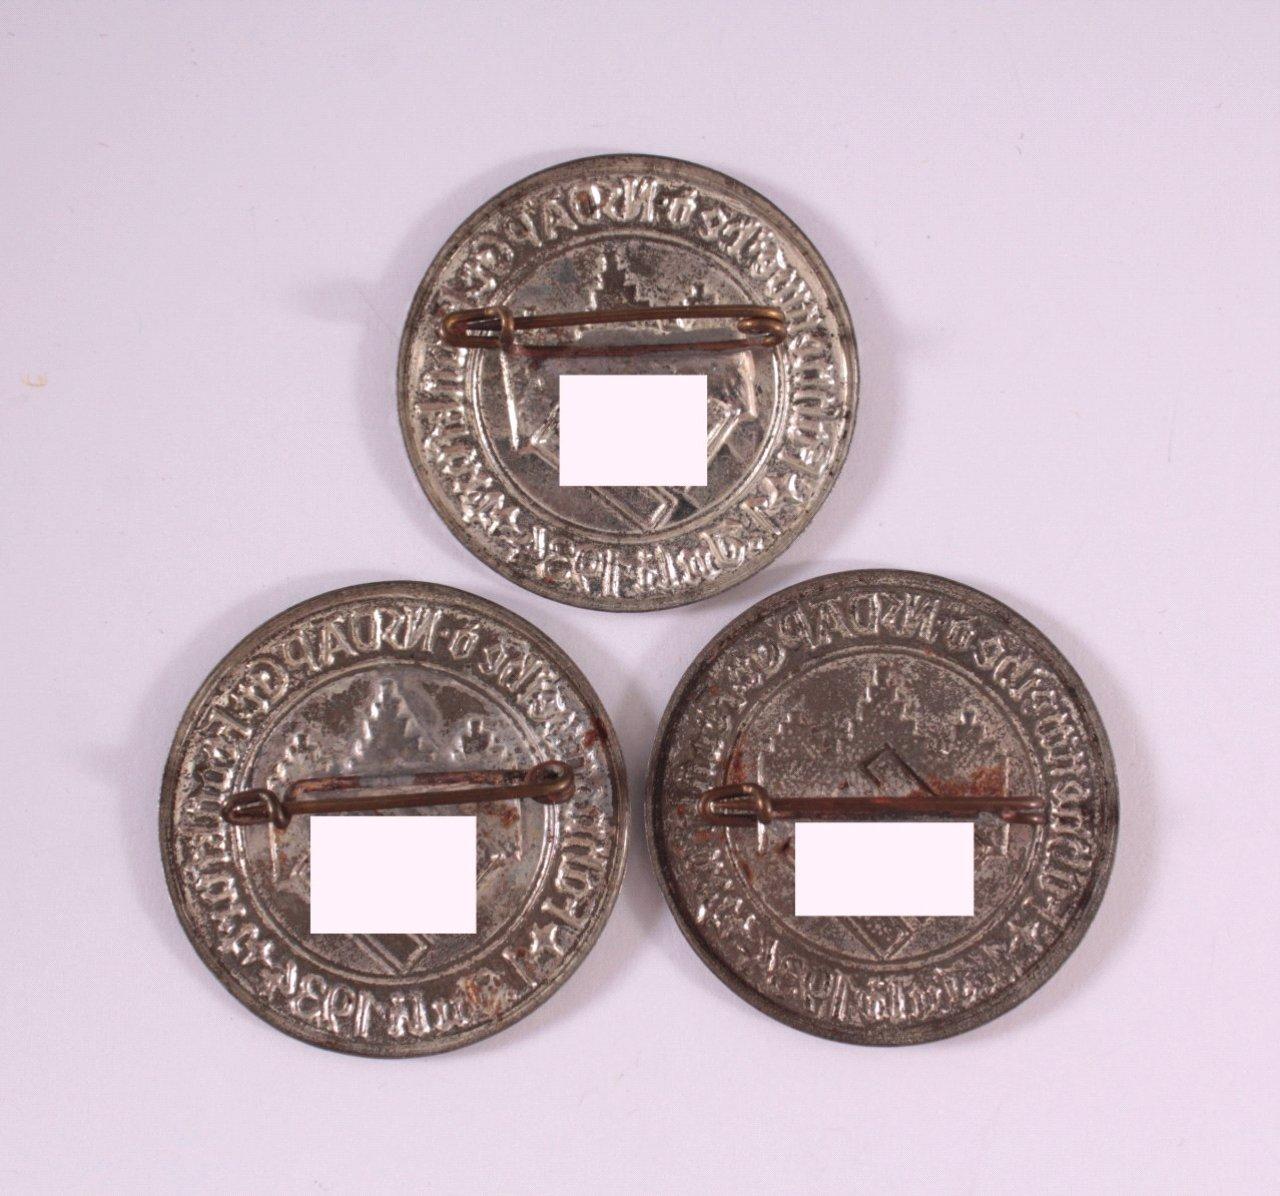 3x Abzeichen Fahnenweihe der NSDAP Frankfurt 1934-1